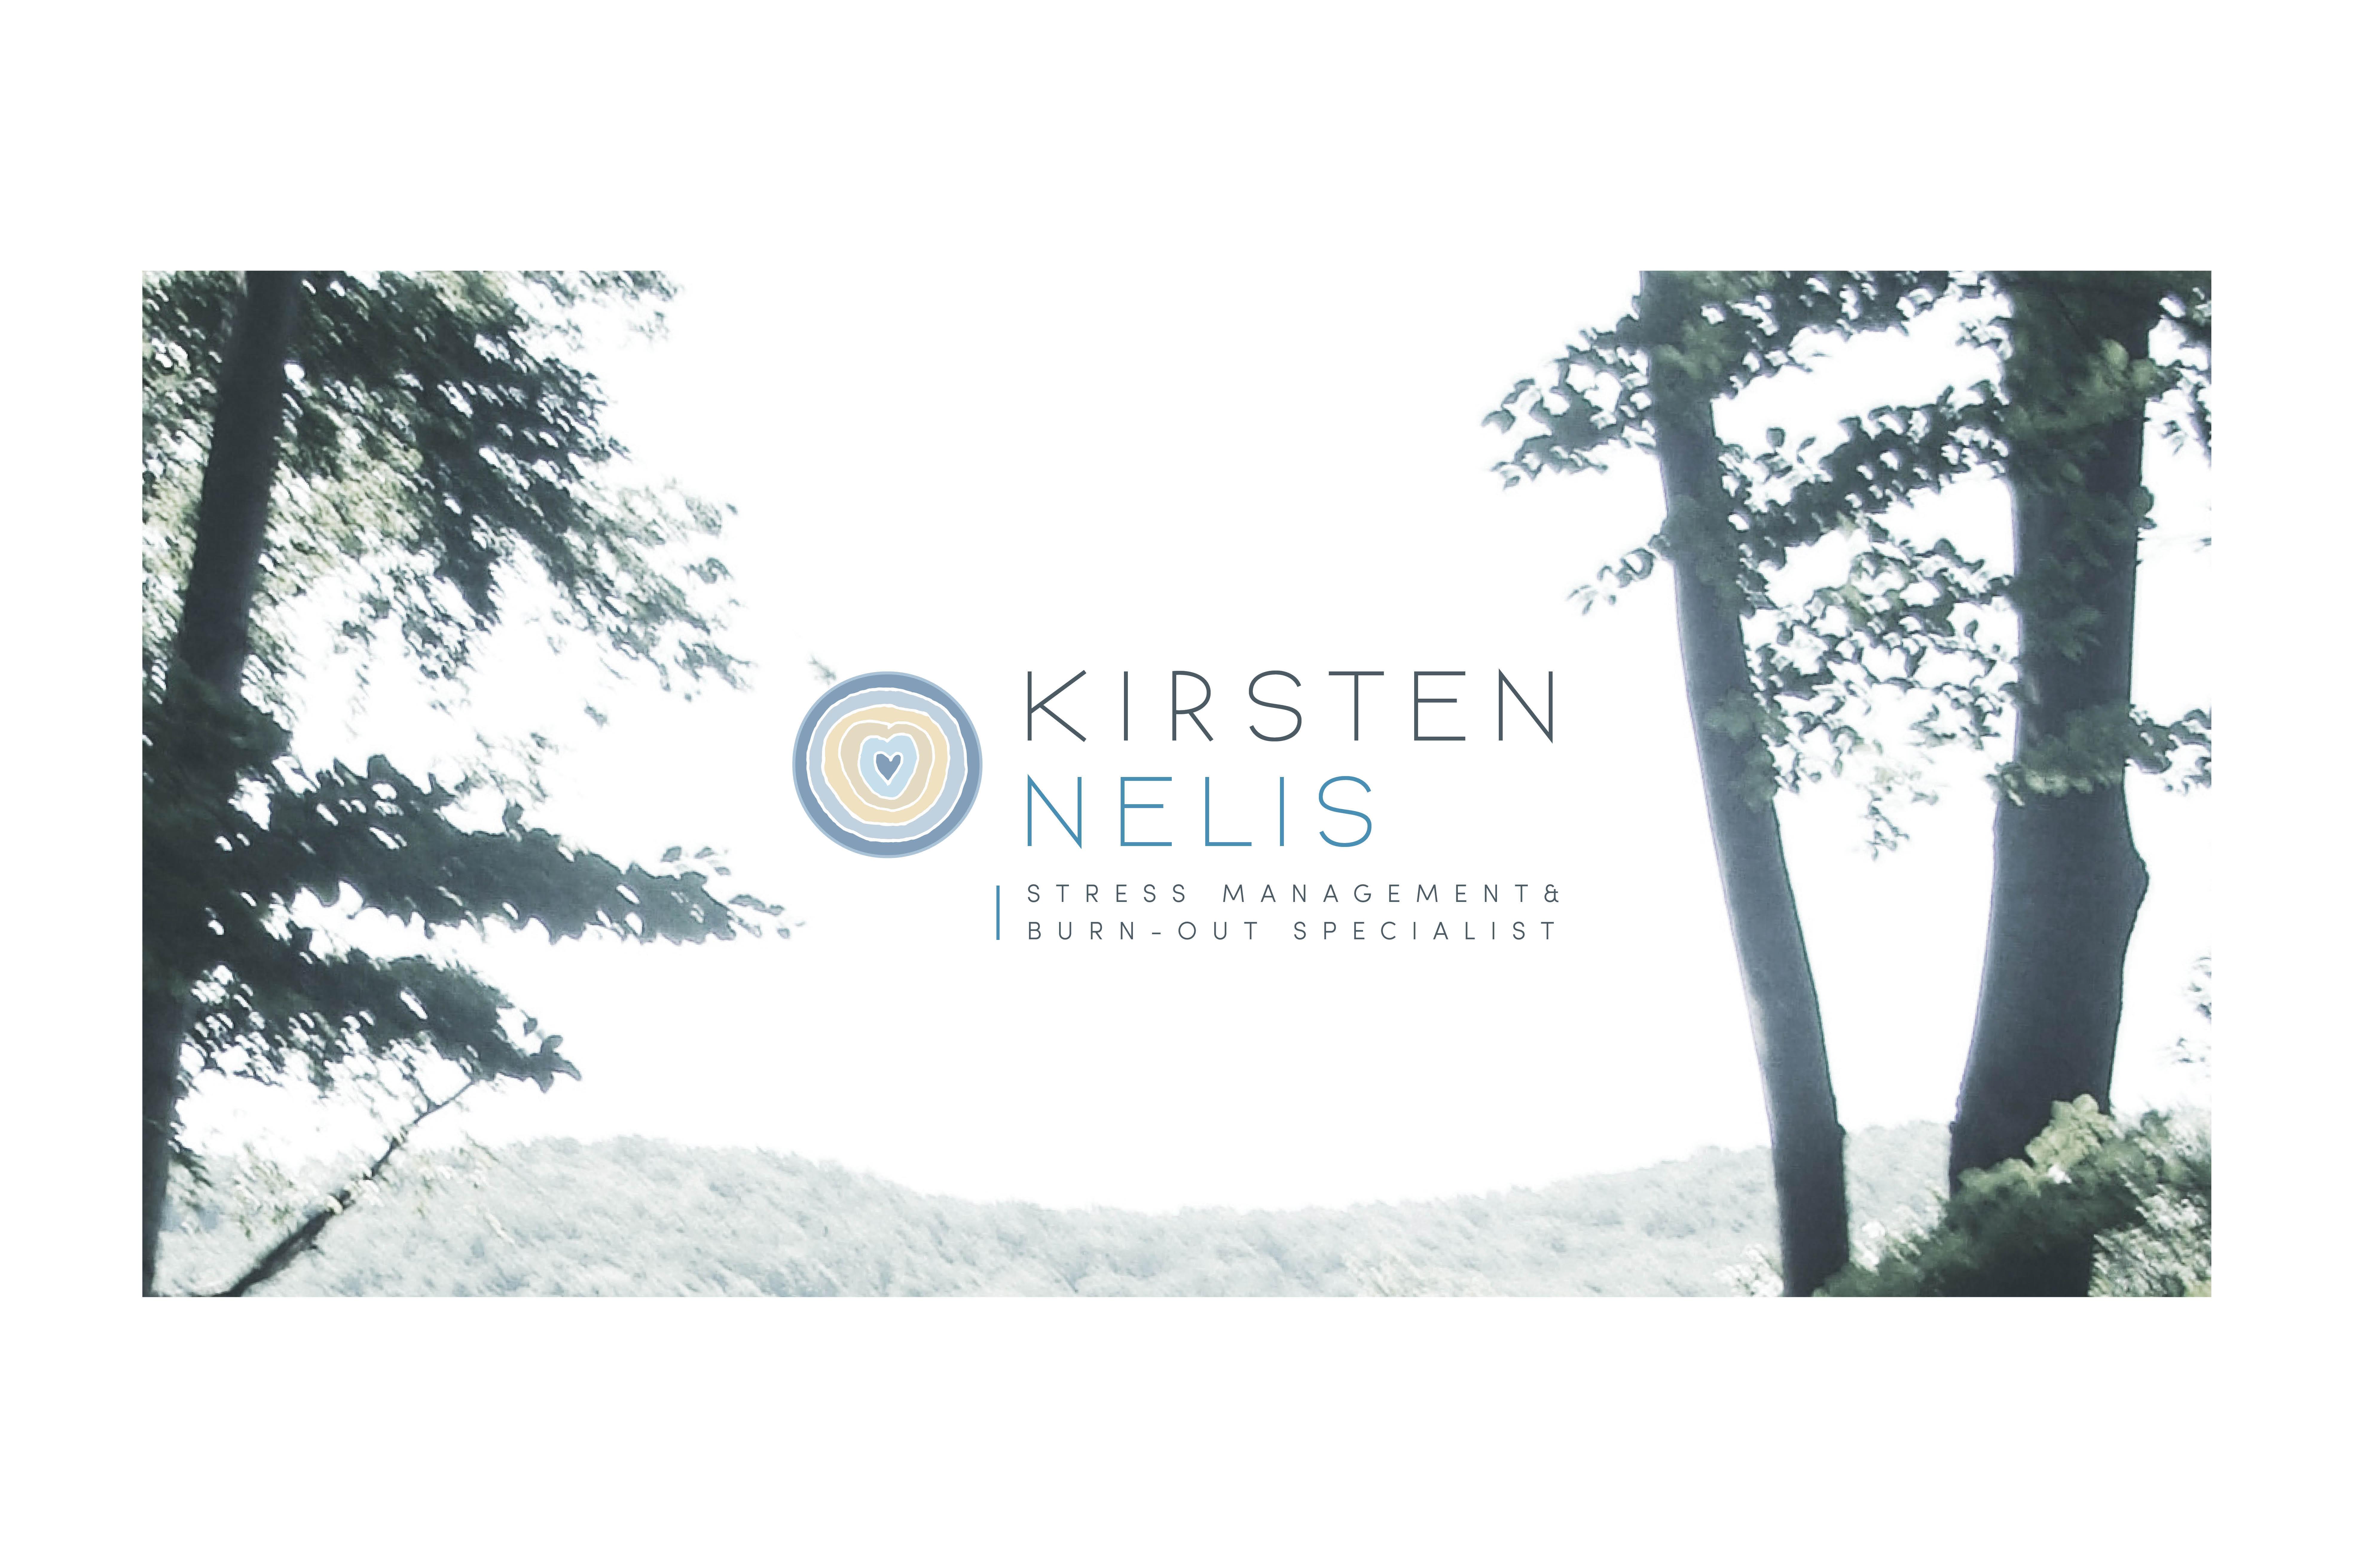 kirsten_nelis_burn_out_specialist_logo.jpg